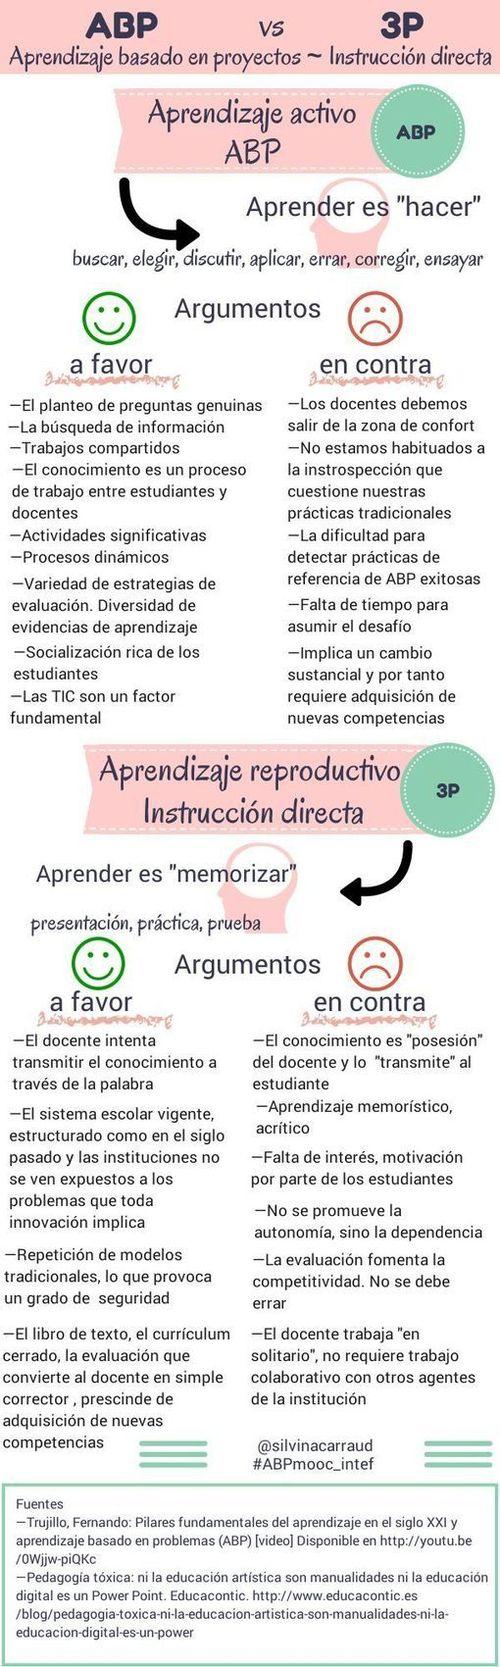 ABP vs PPP vía Pruebas y prácticas